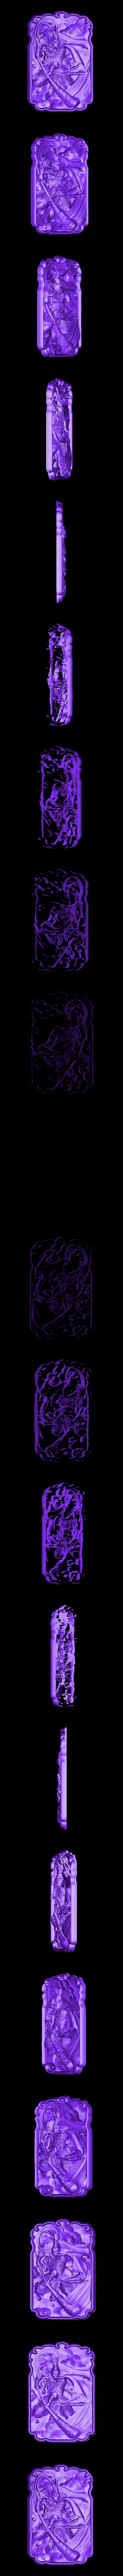 MonkeyKingZ.obj Télécharger fichier OBJ gratuit MONKEY KING MODÈLE 3D DE BAS-RELIEF POUR CNC • Objet pour impression 3D, stlfilesfree